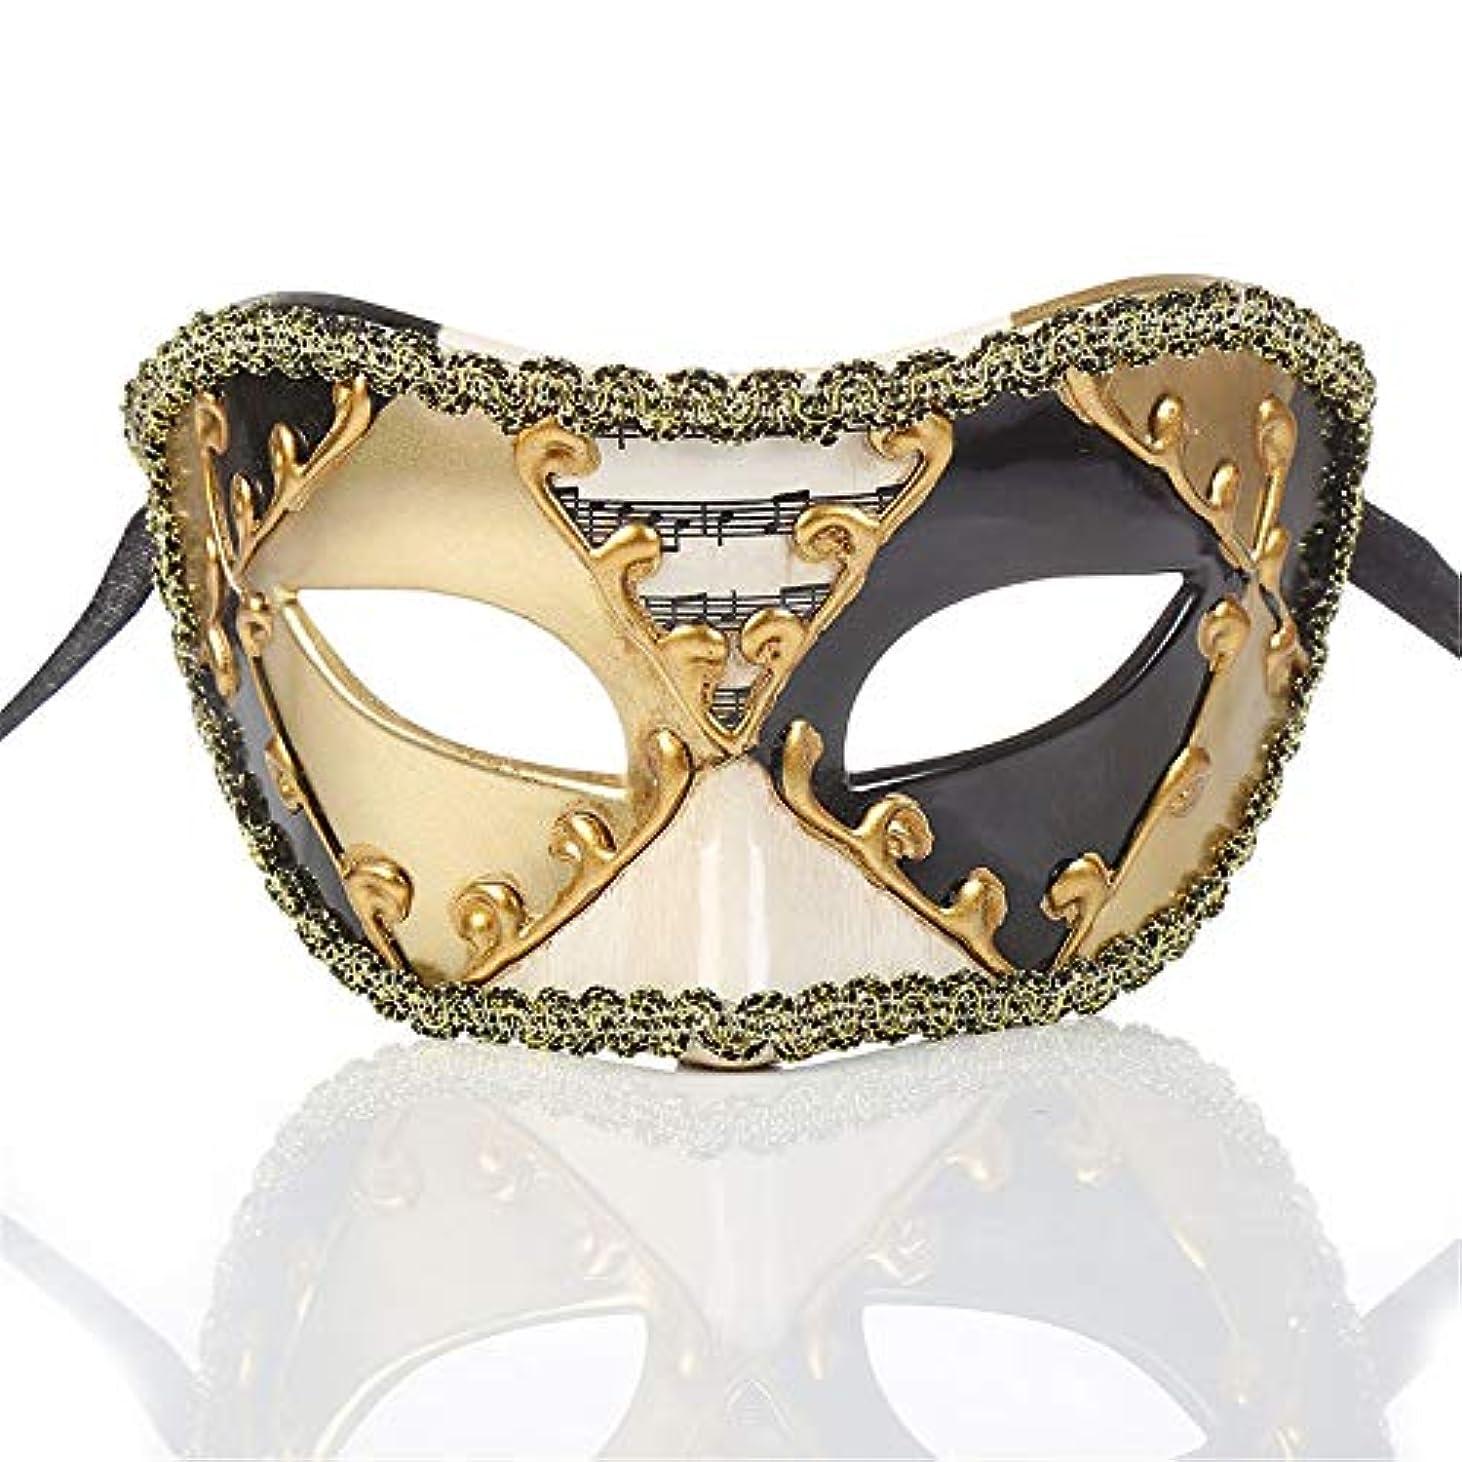 メーカーレルムフットボールダンスマスク ヴィンテージクラシックハーフフェイスクラウンミュージカルノート装飾マスクフェスティバルロールプレイングプラスチックマスク ホリデーパーティー用品 (色 : ブラック, サイズ : 16.5x8cm)